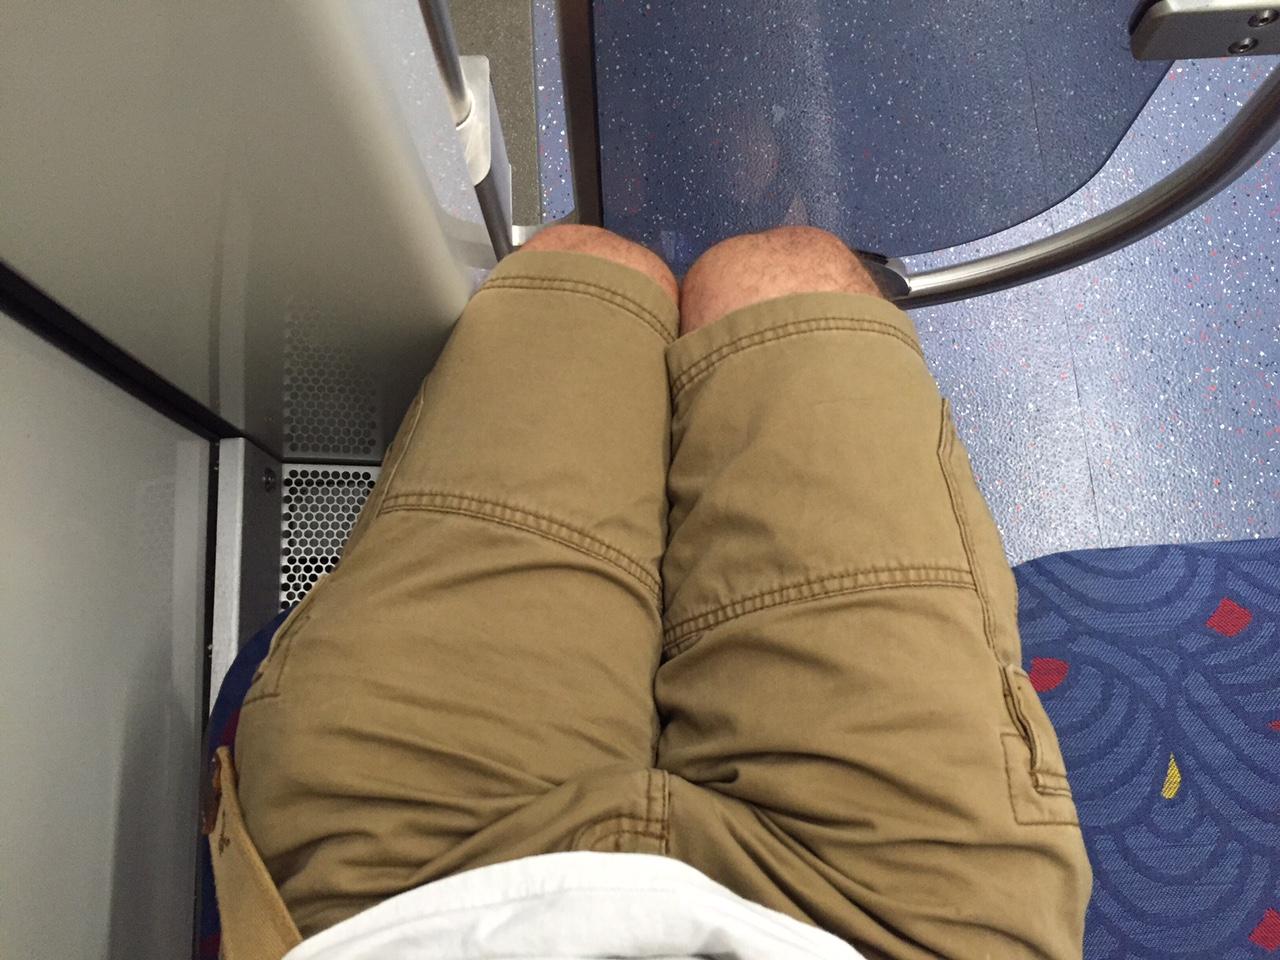 Bad Seat